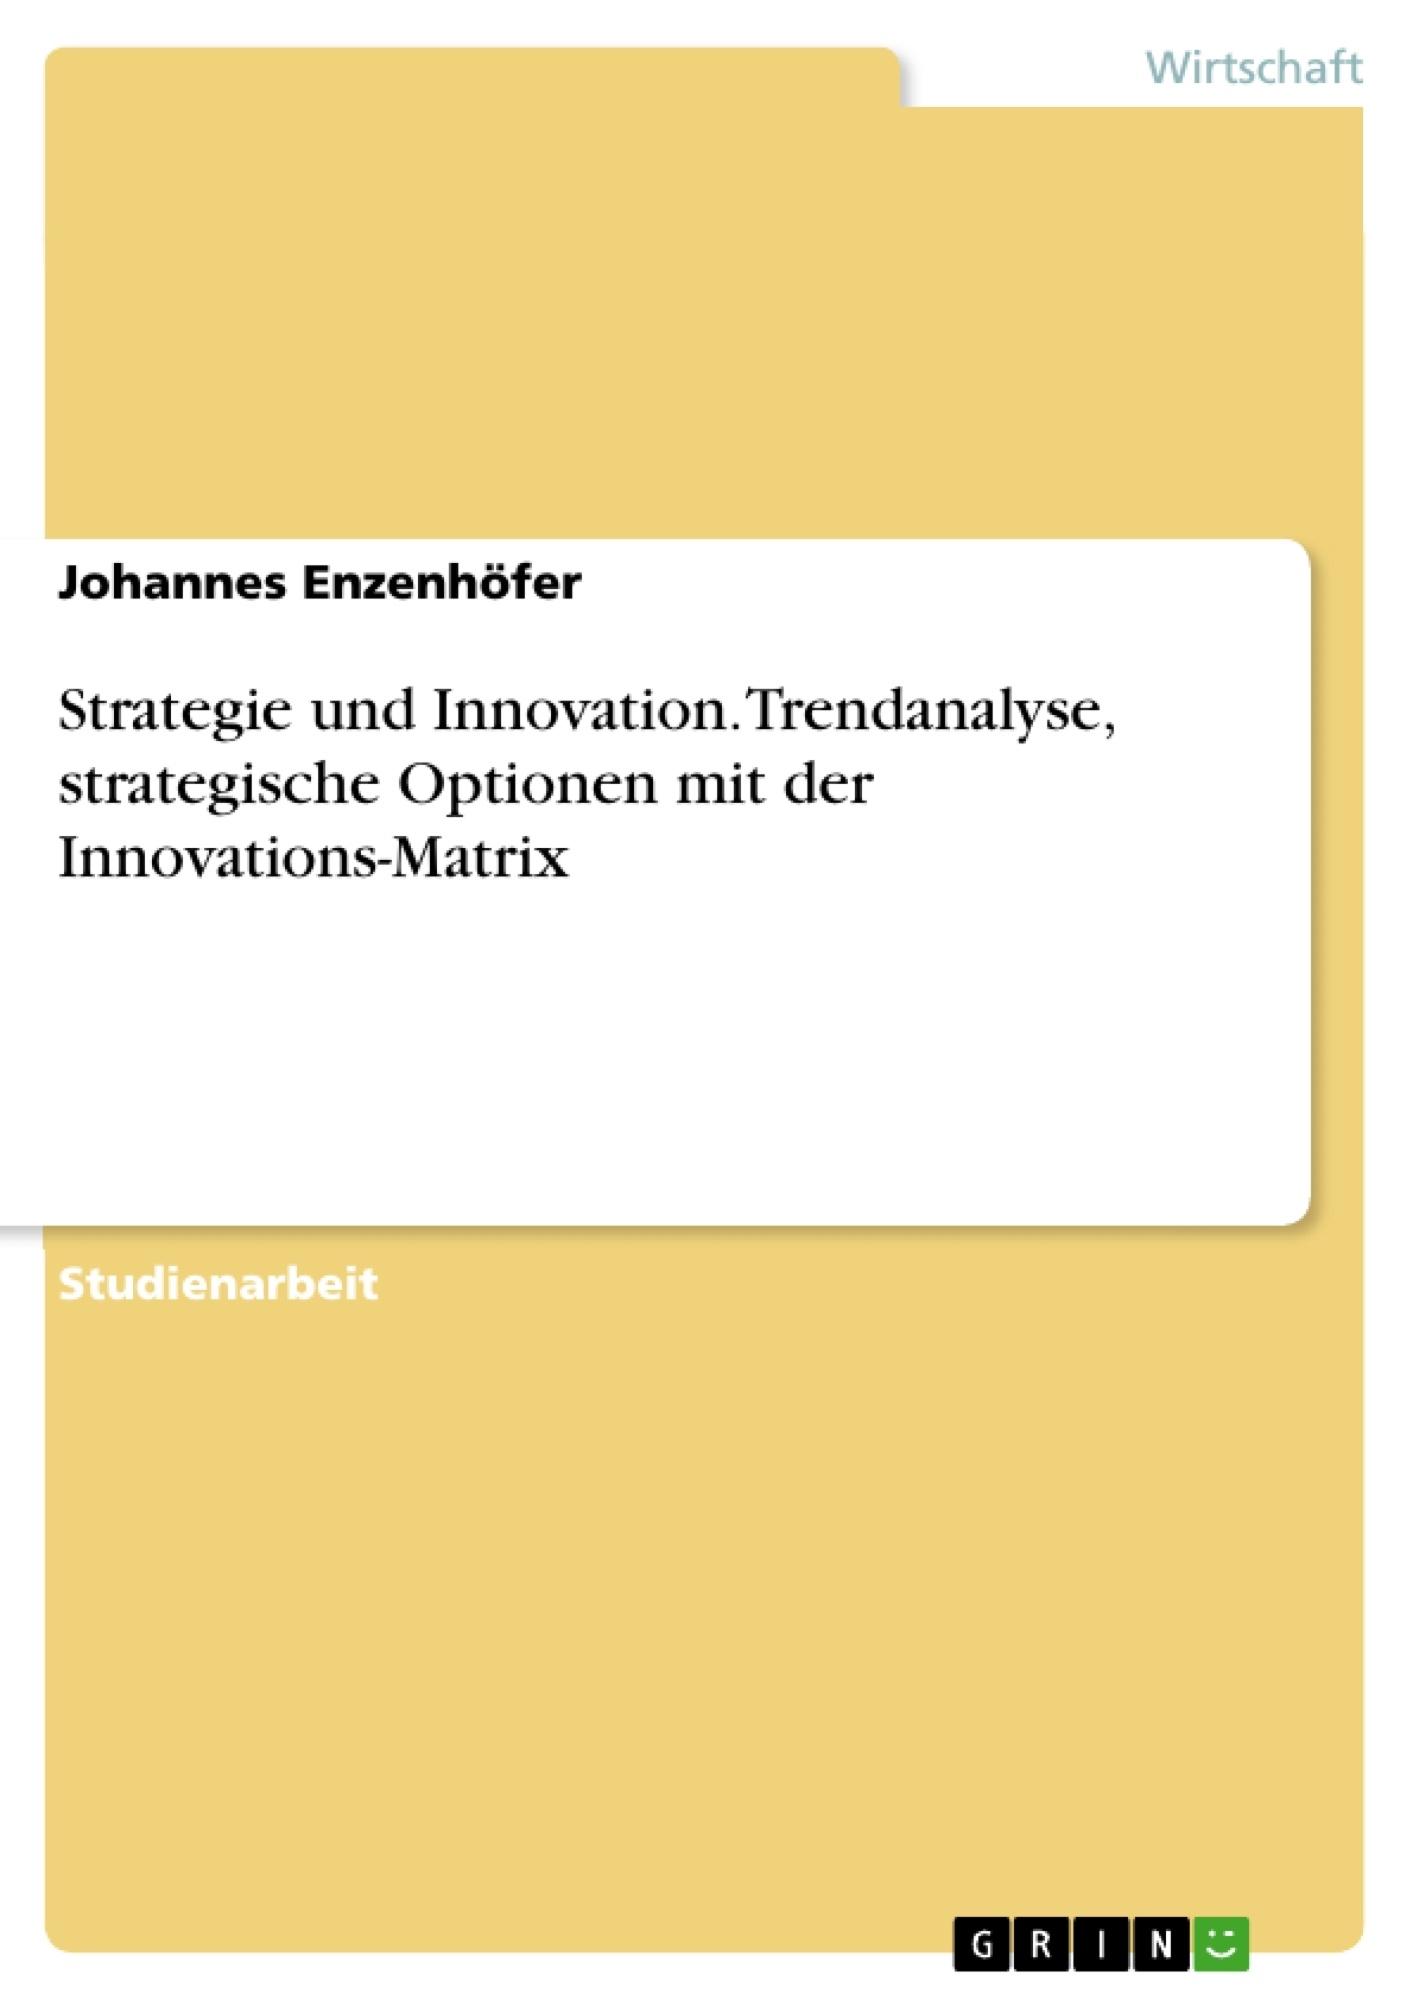 Titel: Strategie und Innovation. Trendanalyse, strategische Optionen mit der Innovations-Matrix